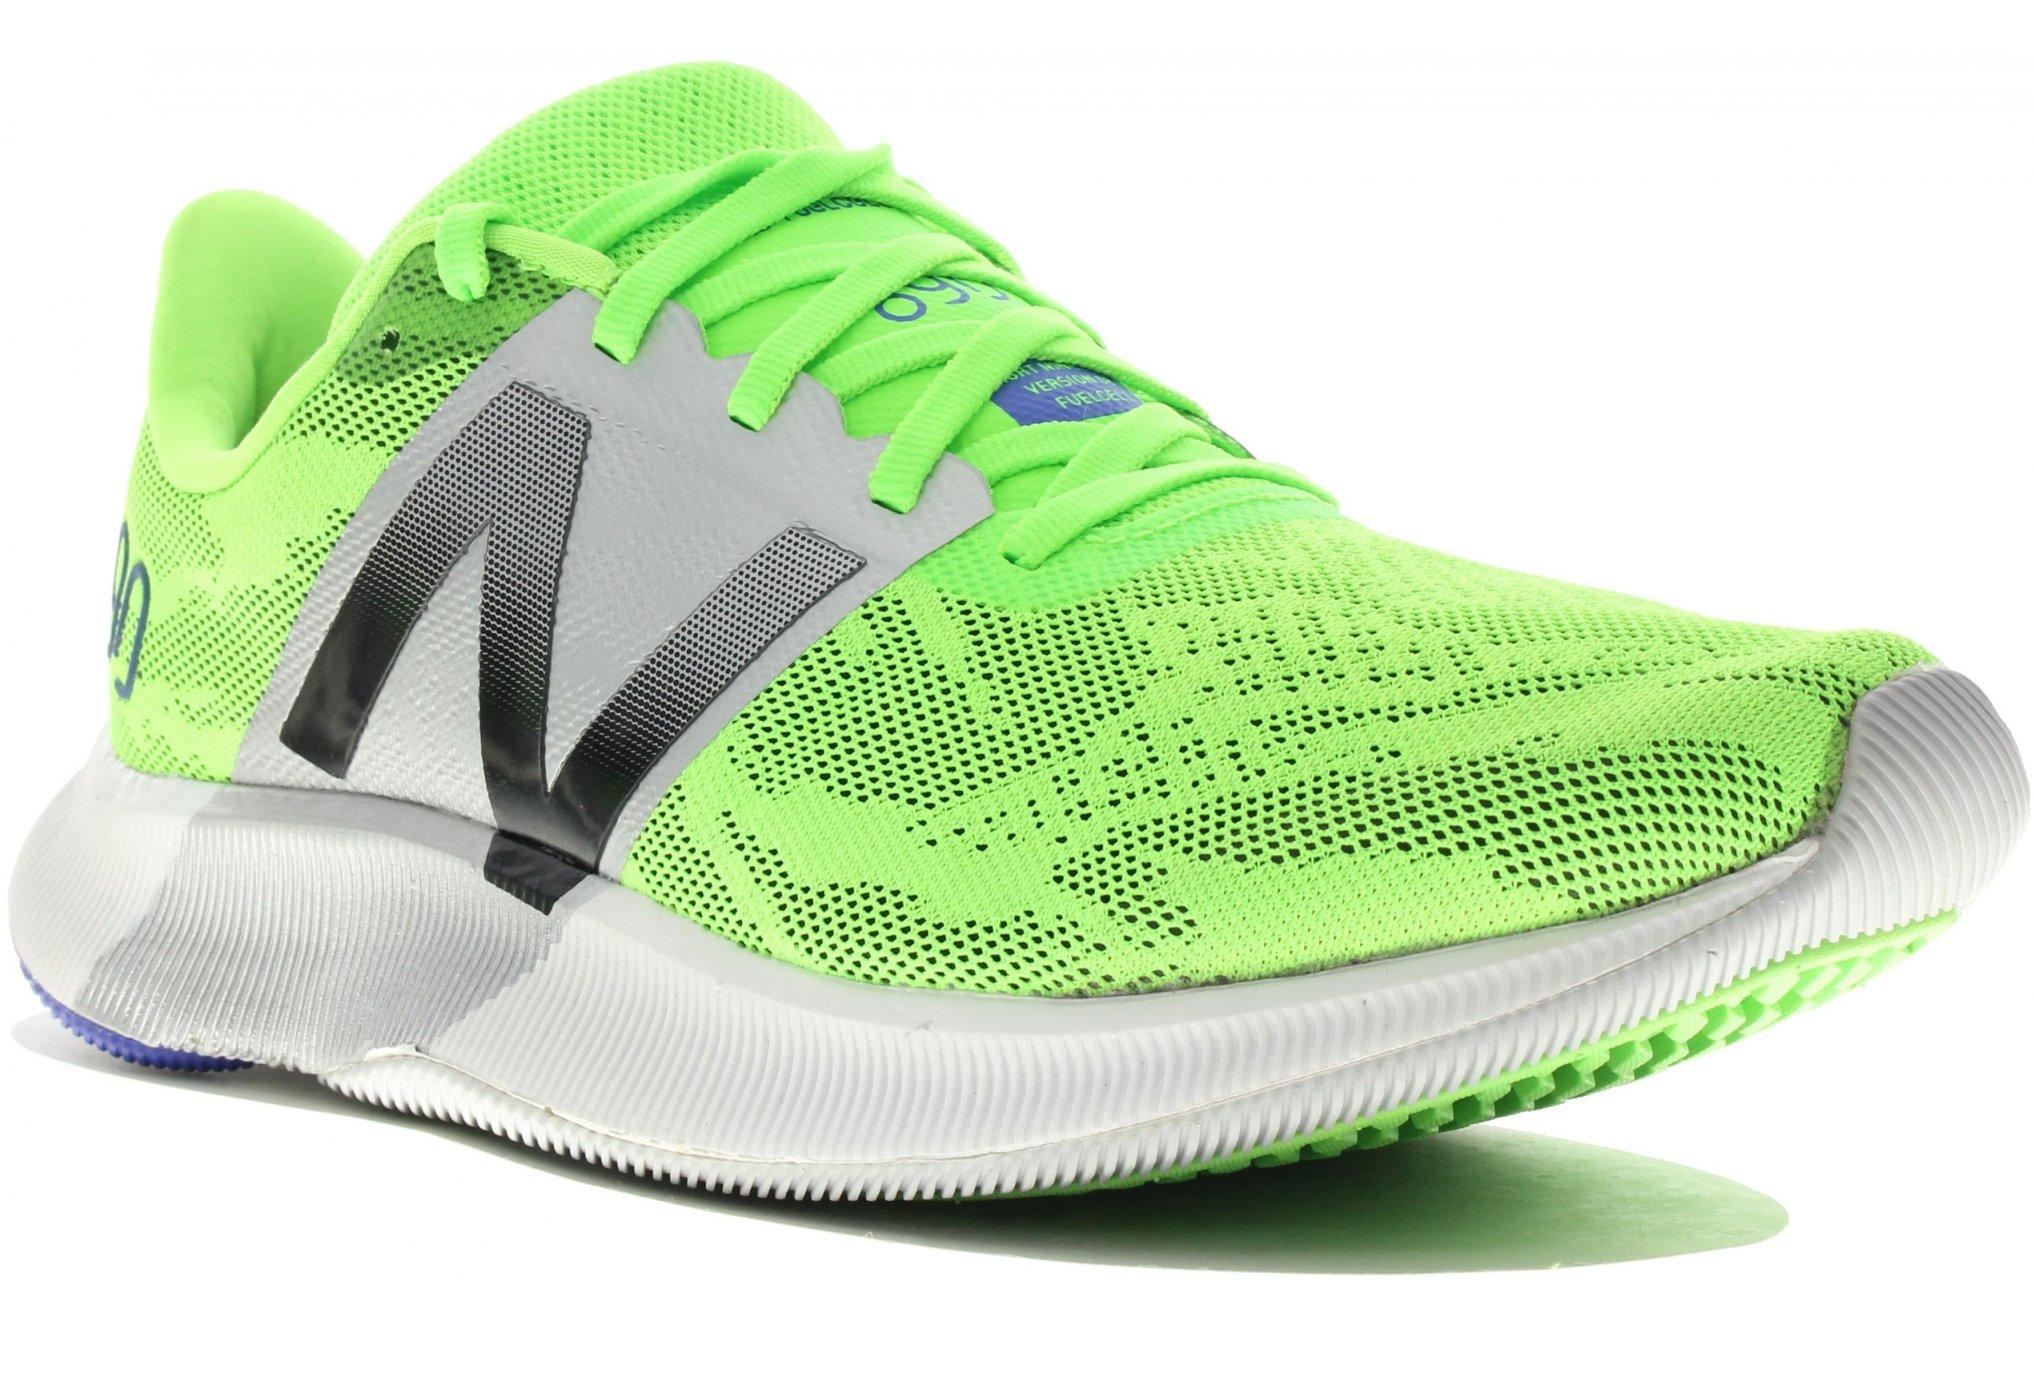 New Balance FuelCell M 890 V8 - D Diététique Chaussures homme